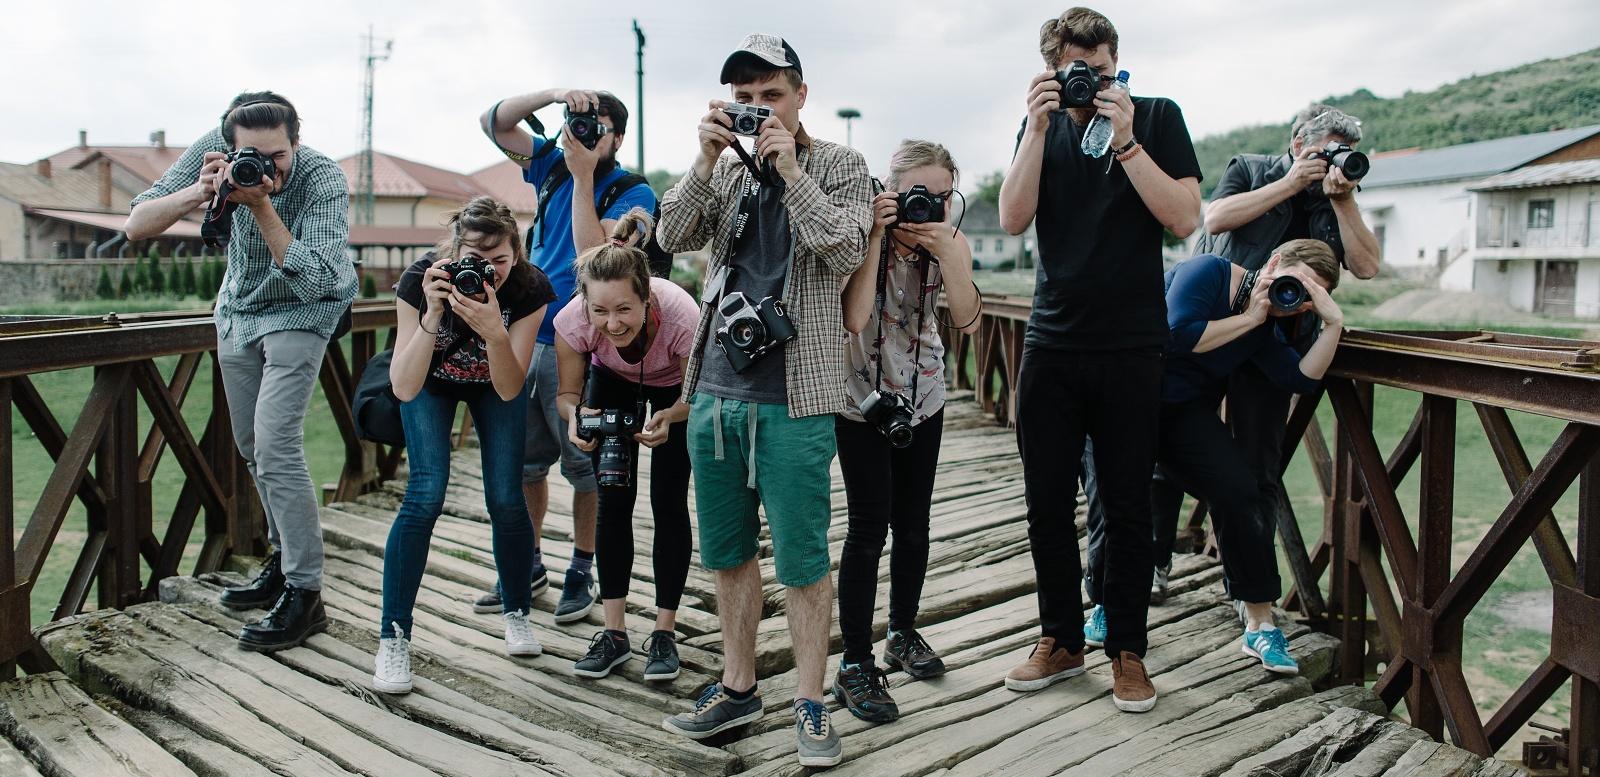 Život na vidieku objektívom študentov FMK: Máme šancu zachytiť slovenskú dedinu na hranici medzi tým čo bolo a čo bude